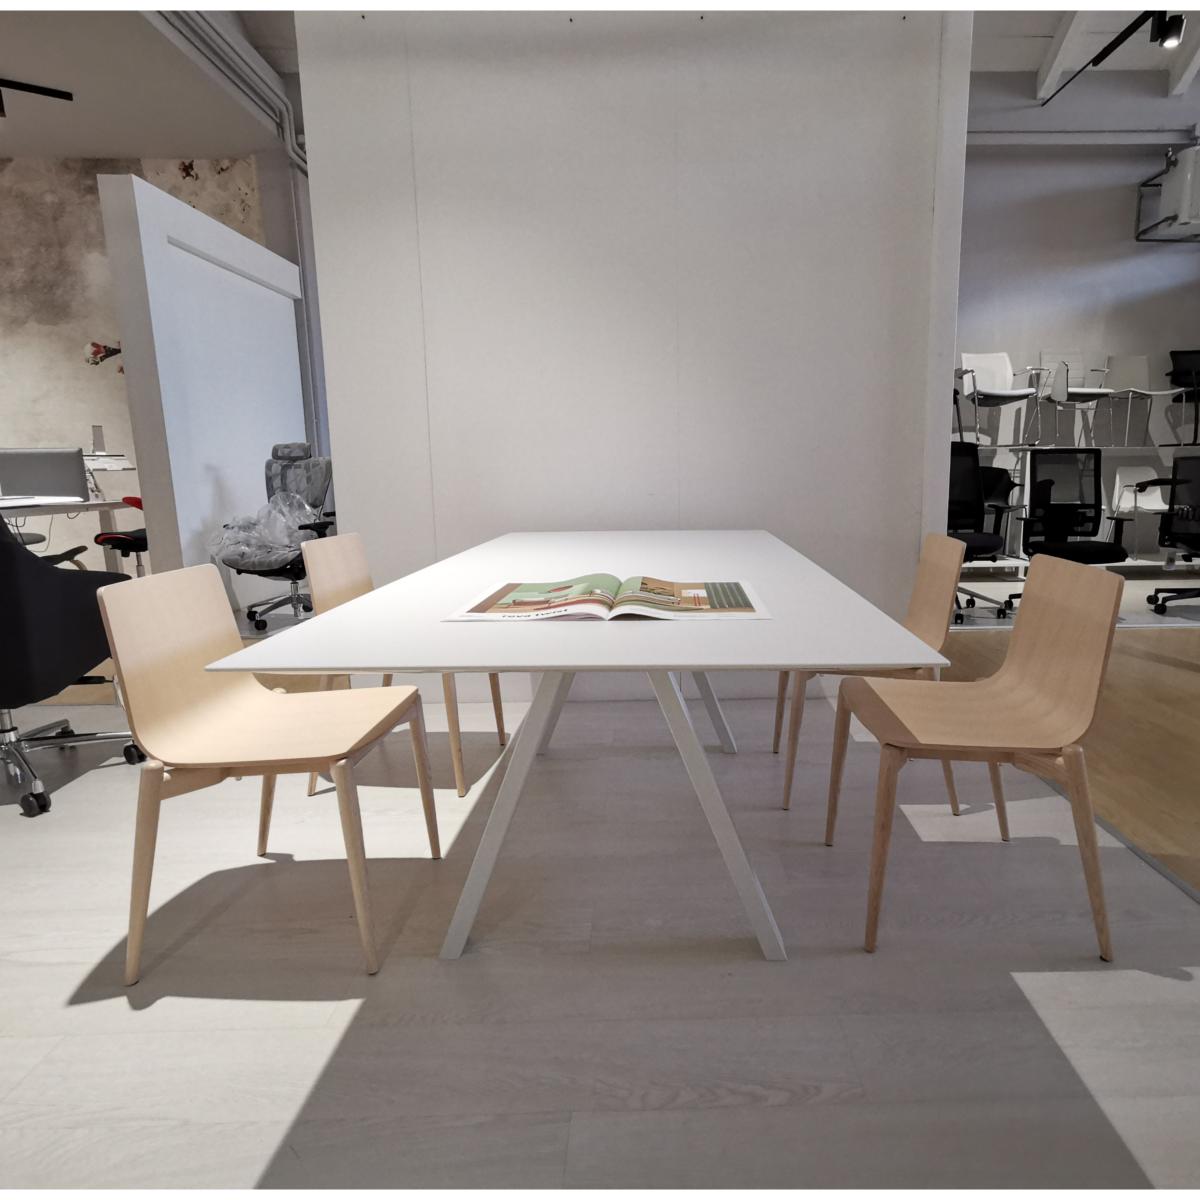 Offerta Tavolo Arki-Table